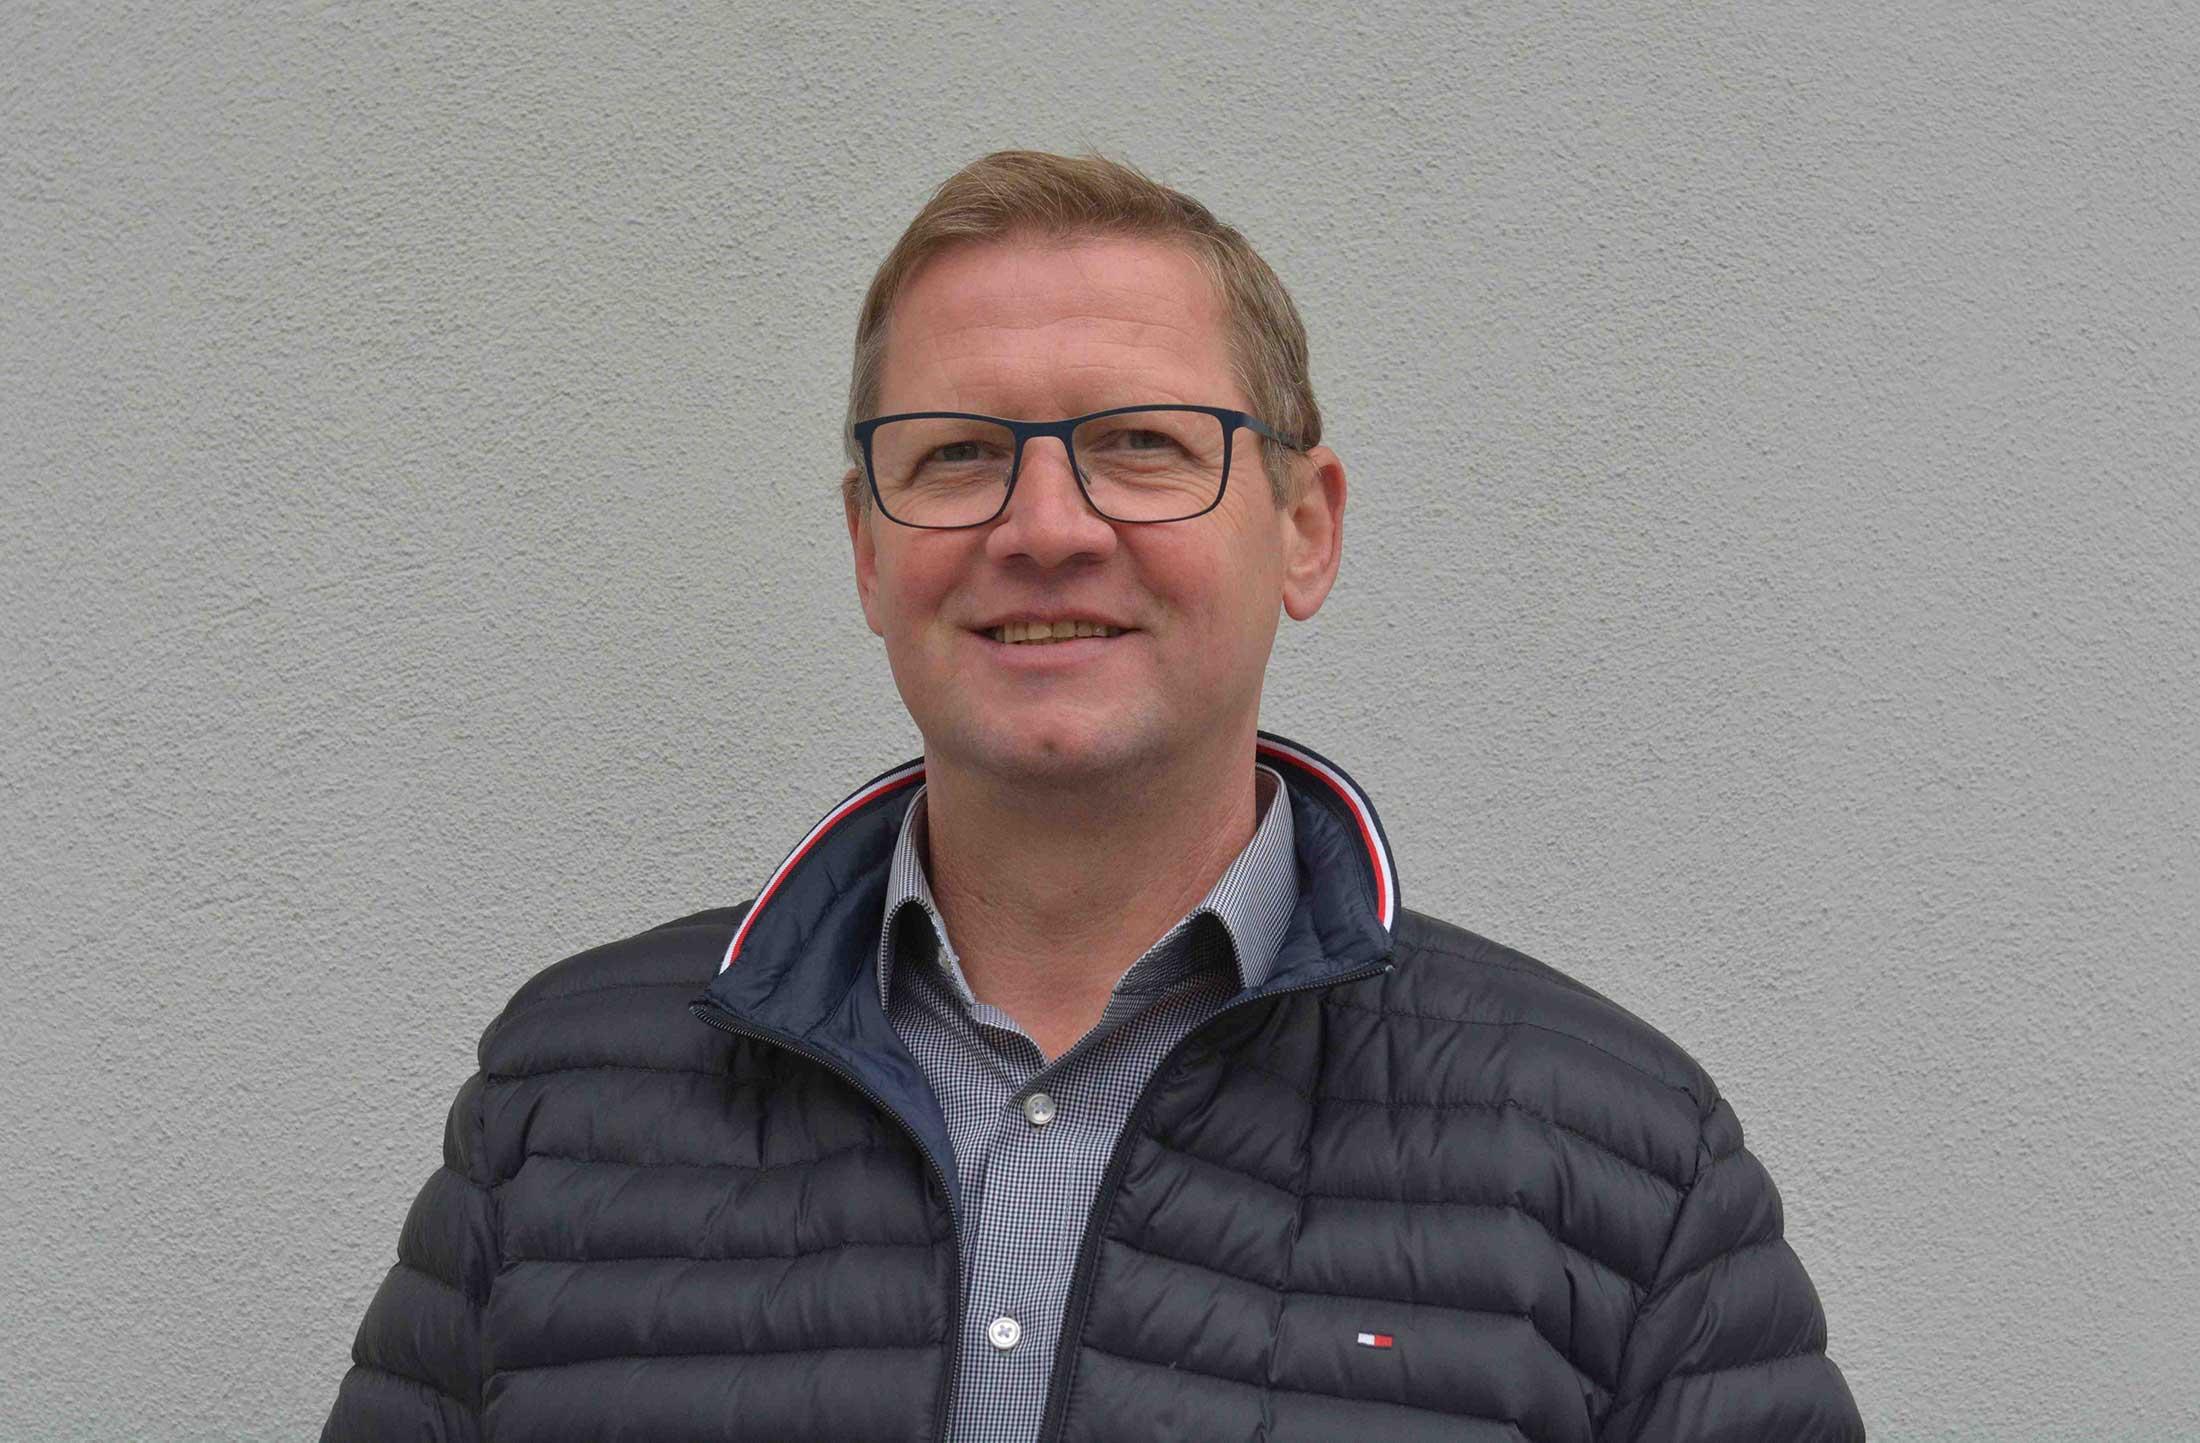 Andreas Uetz